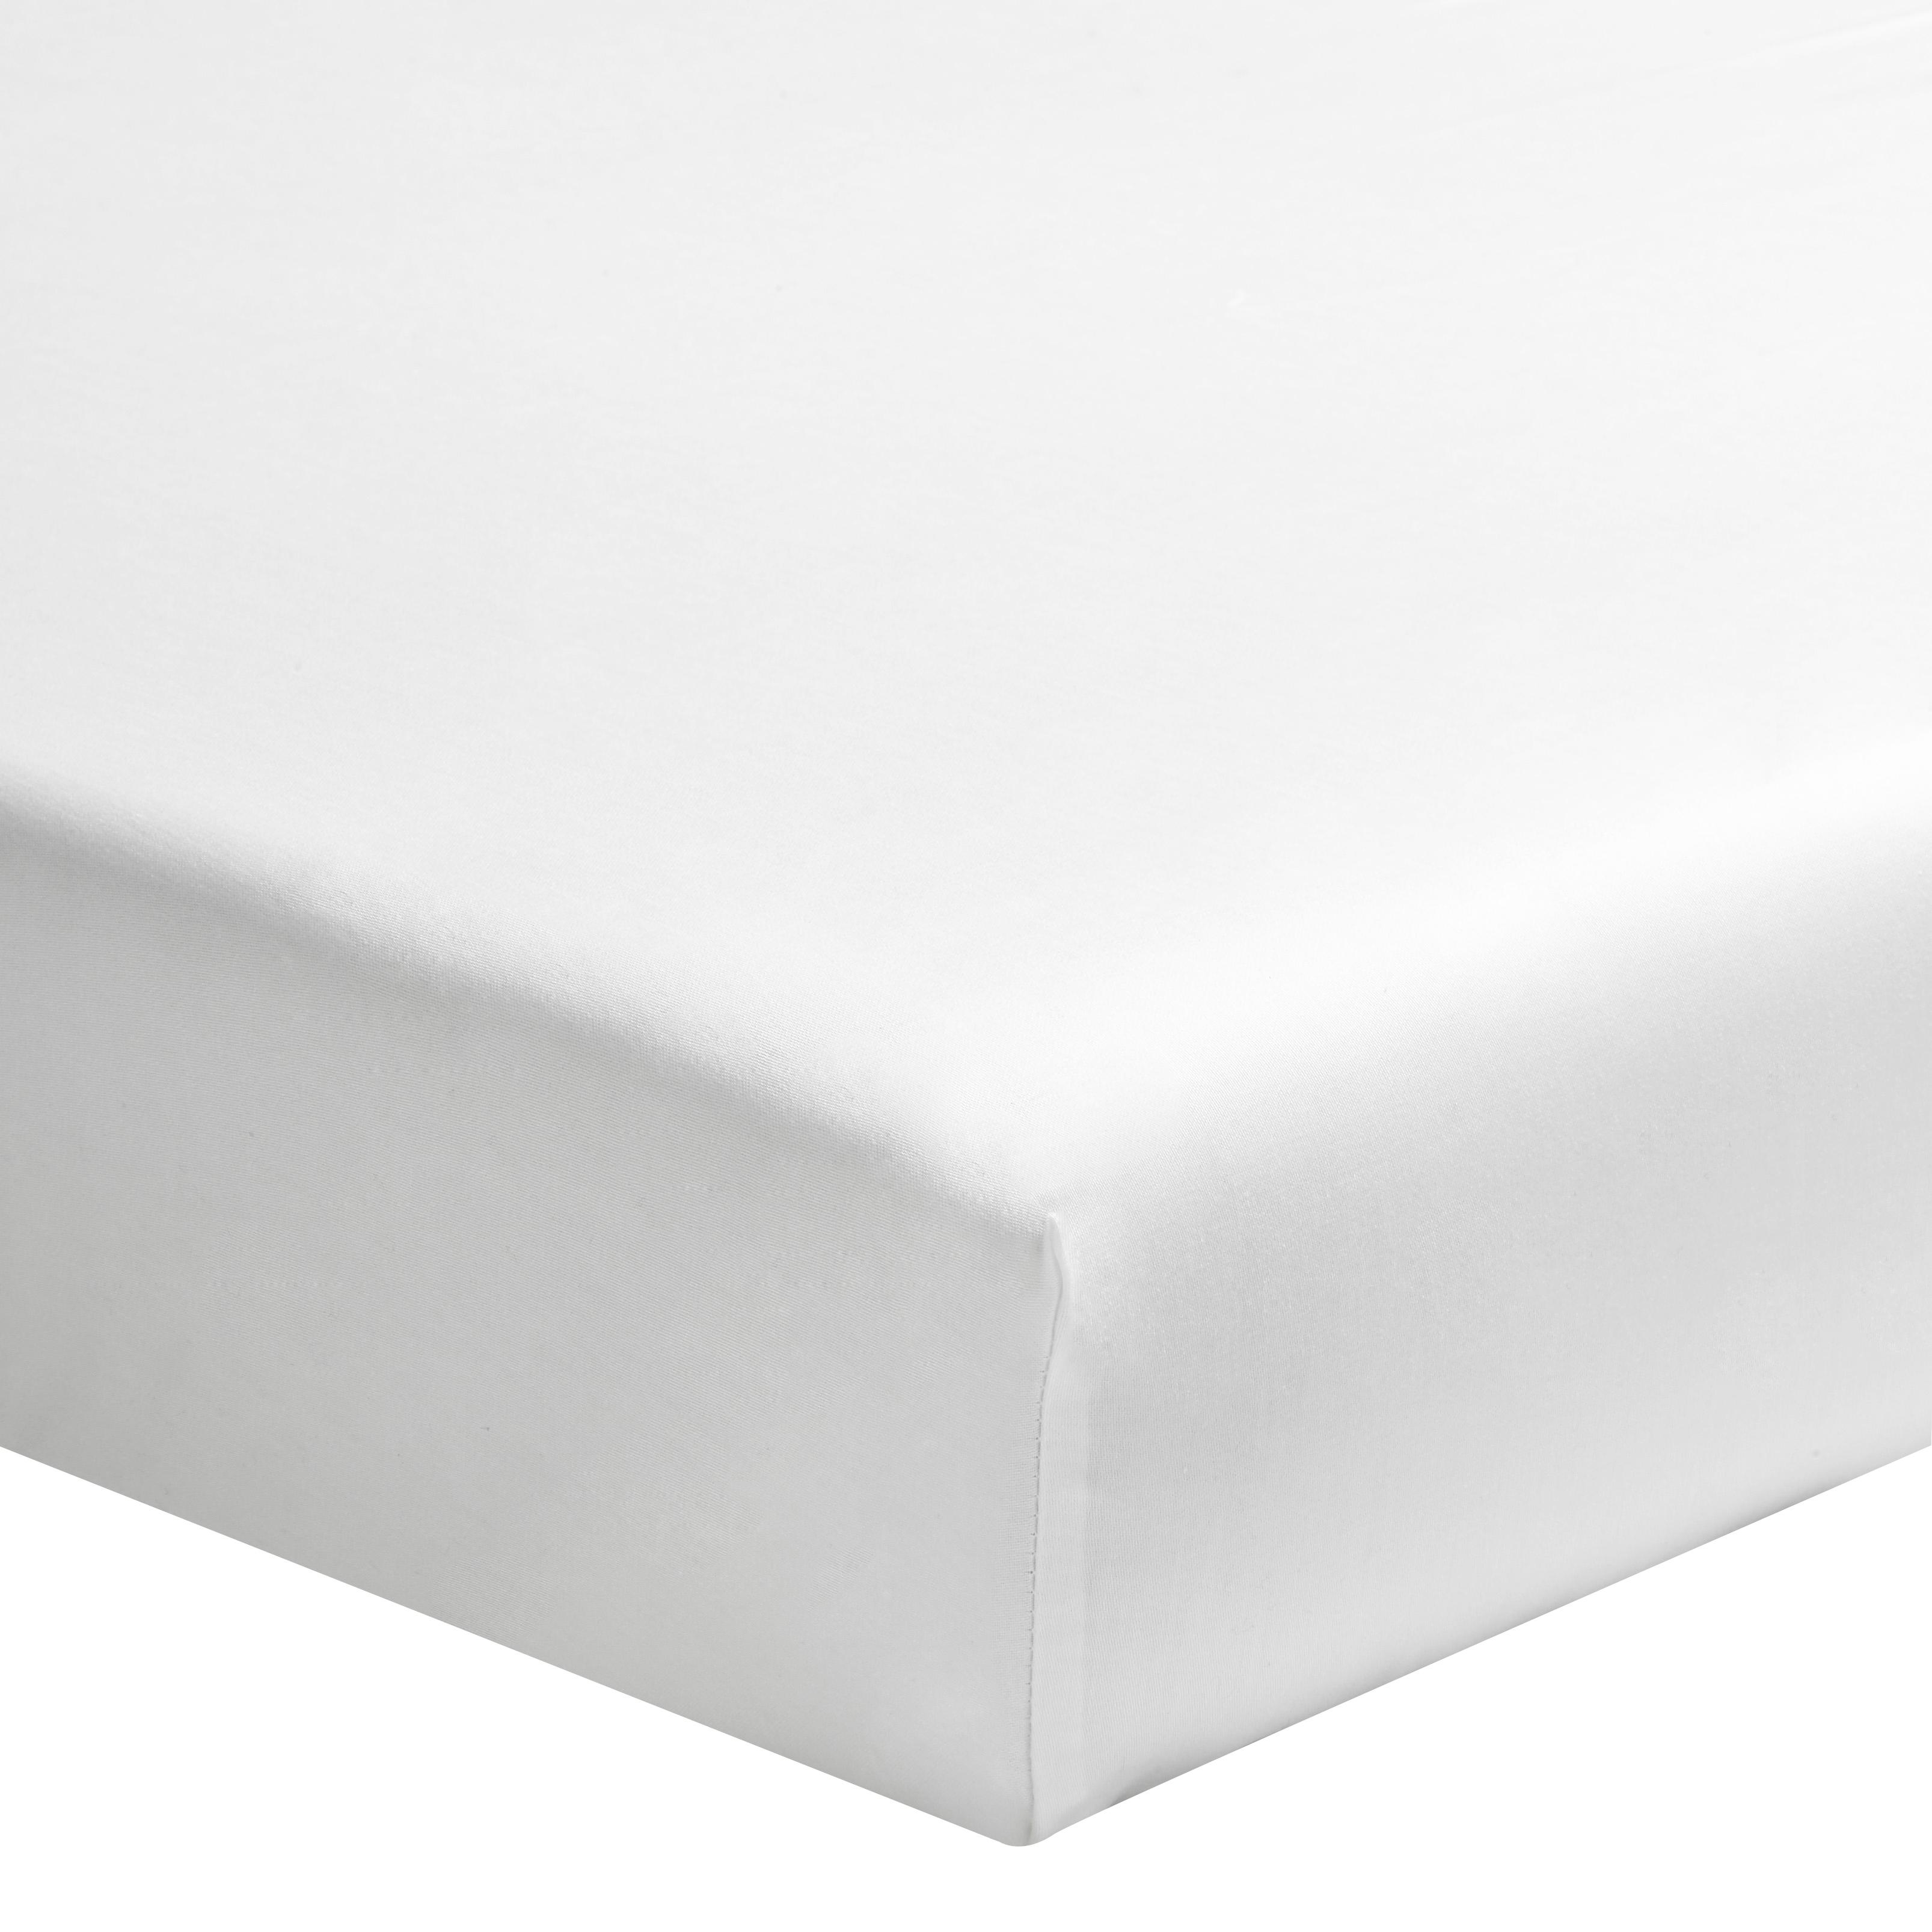 Drap housse uni en percale de coton blanc 180x200